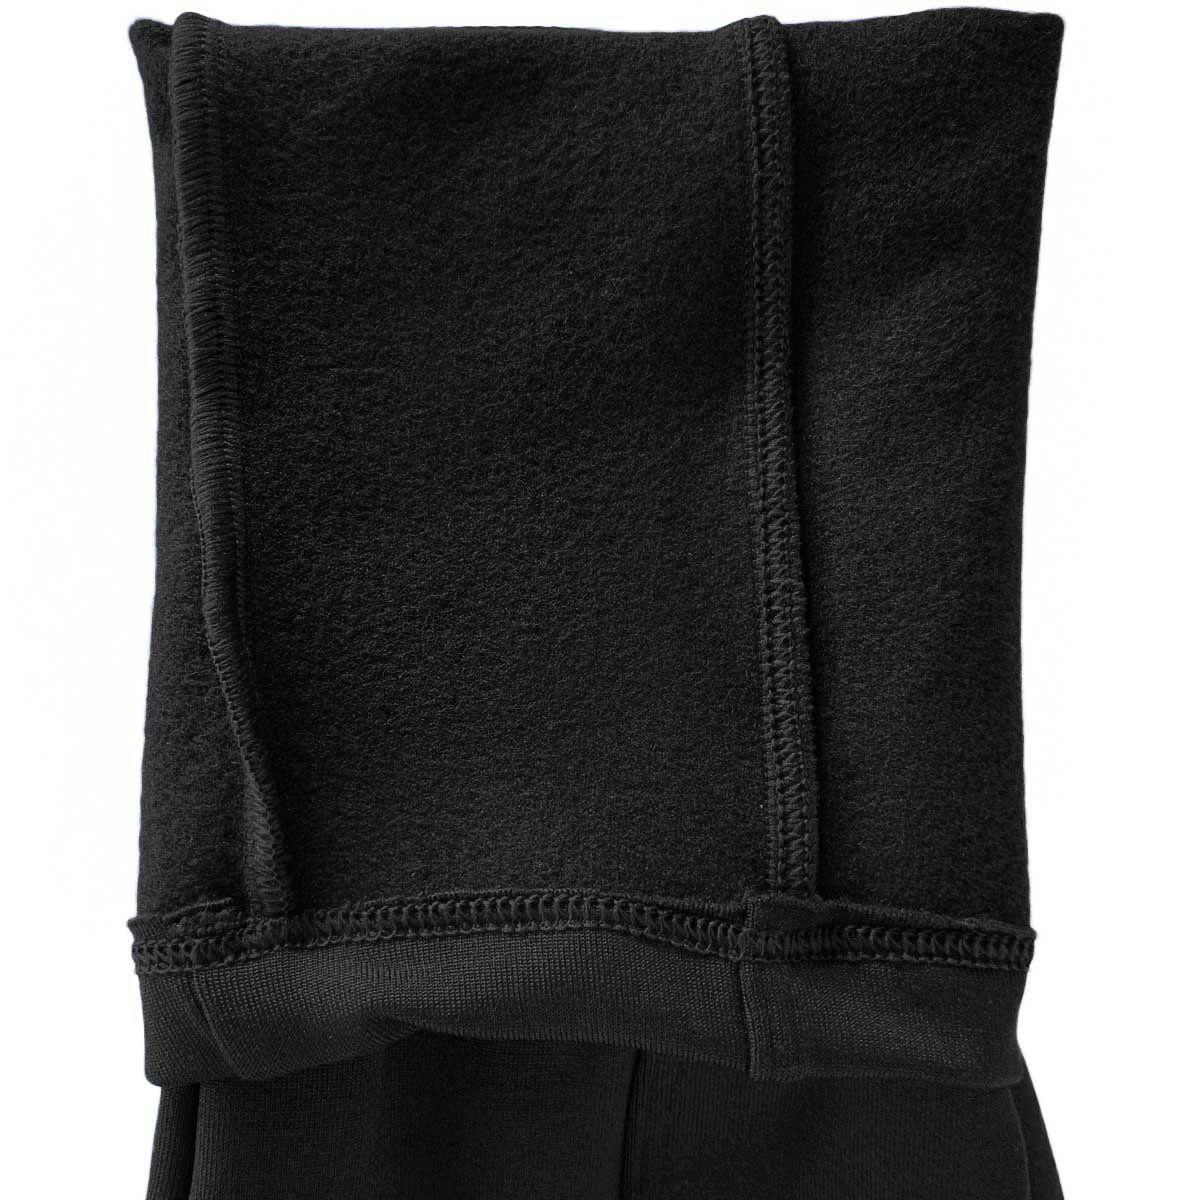 Calça Legging feminina montaria peluciada Dicors .